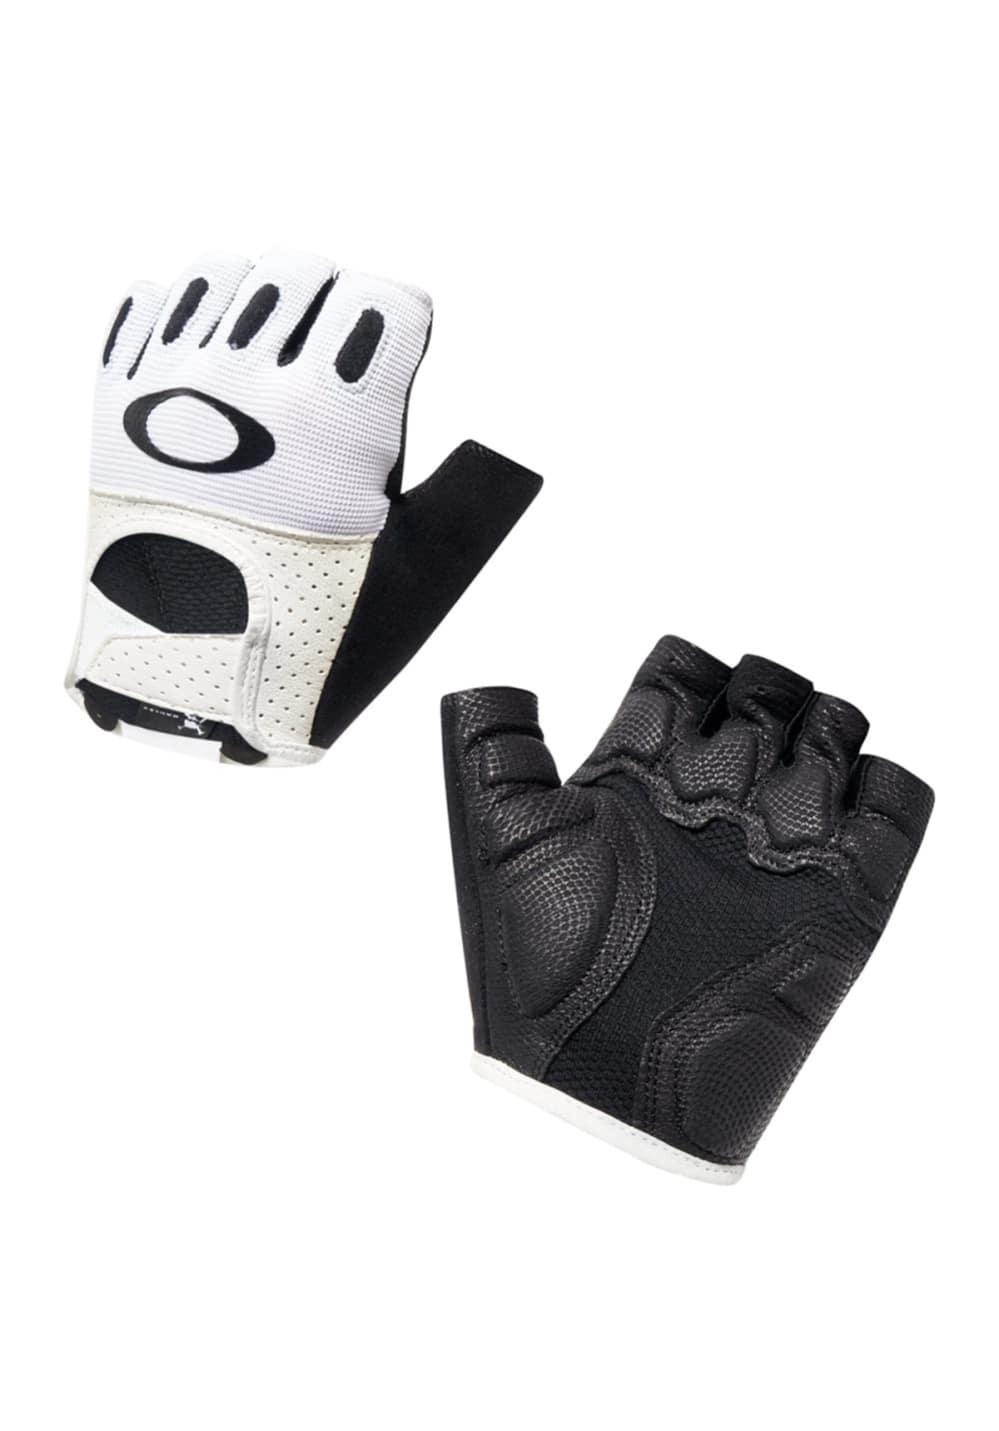 Oakley Factory Road Glove 2.0 - Radhandschuhe für Herren - Weiß, Gr. M